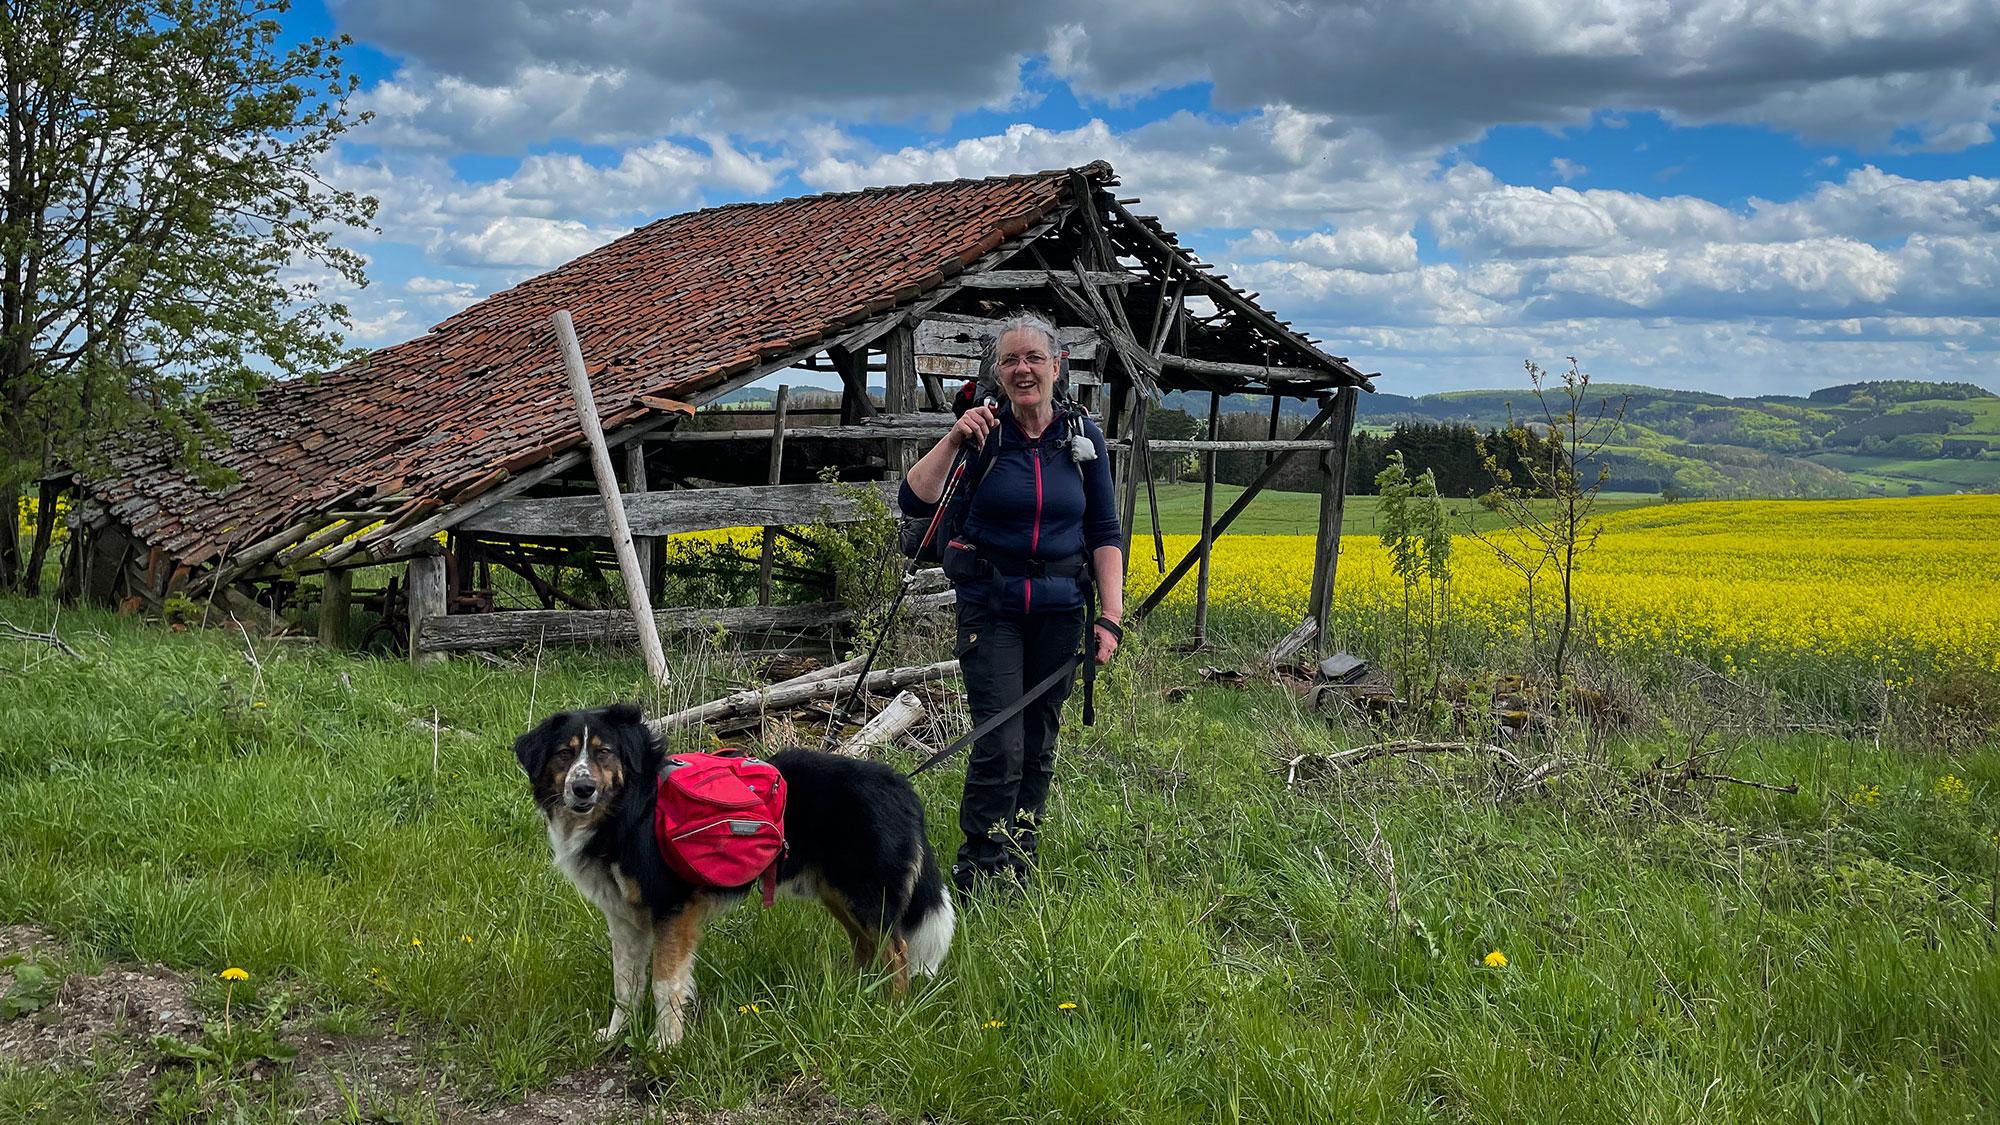 Frau und Hund mit Rucksack vor Scheune auf dem Uplandsteig